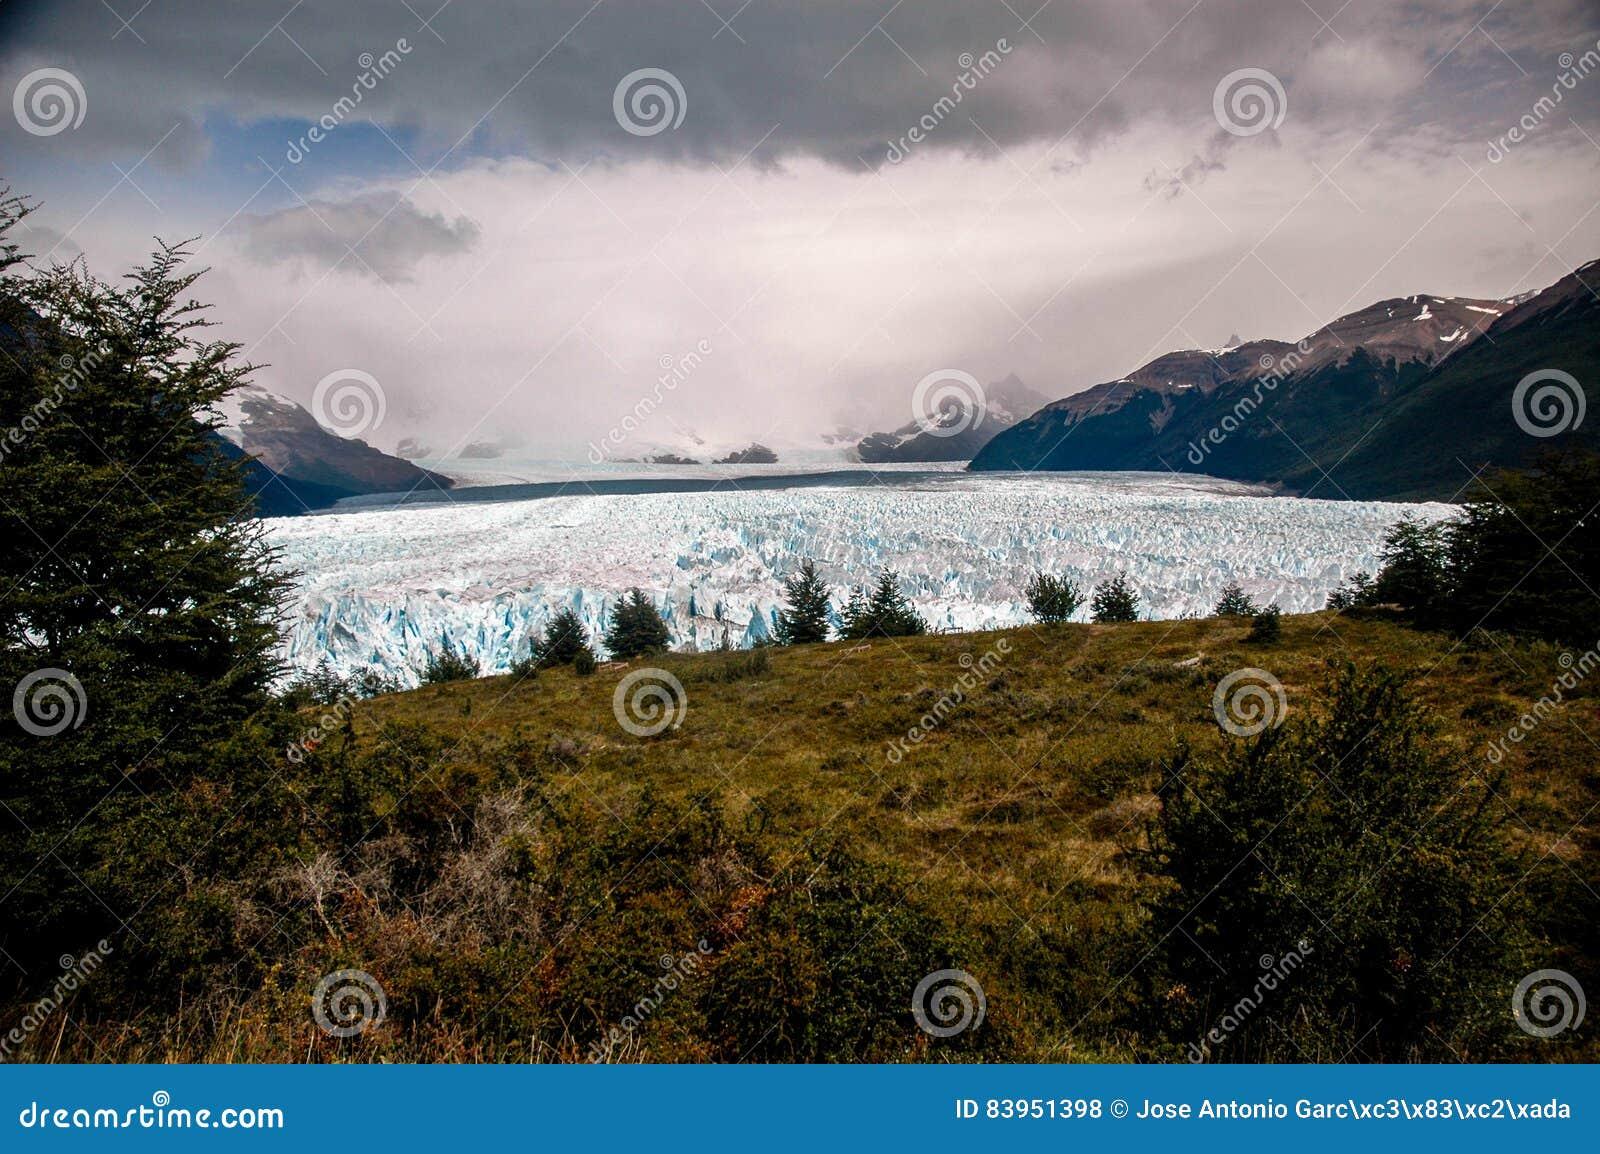 Landscape in Perito Moreno